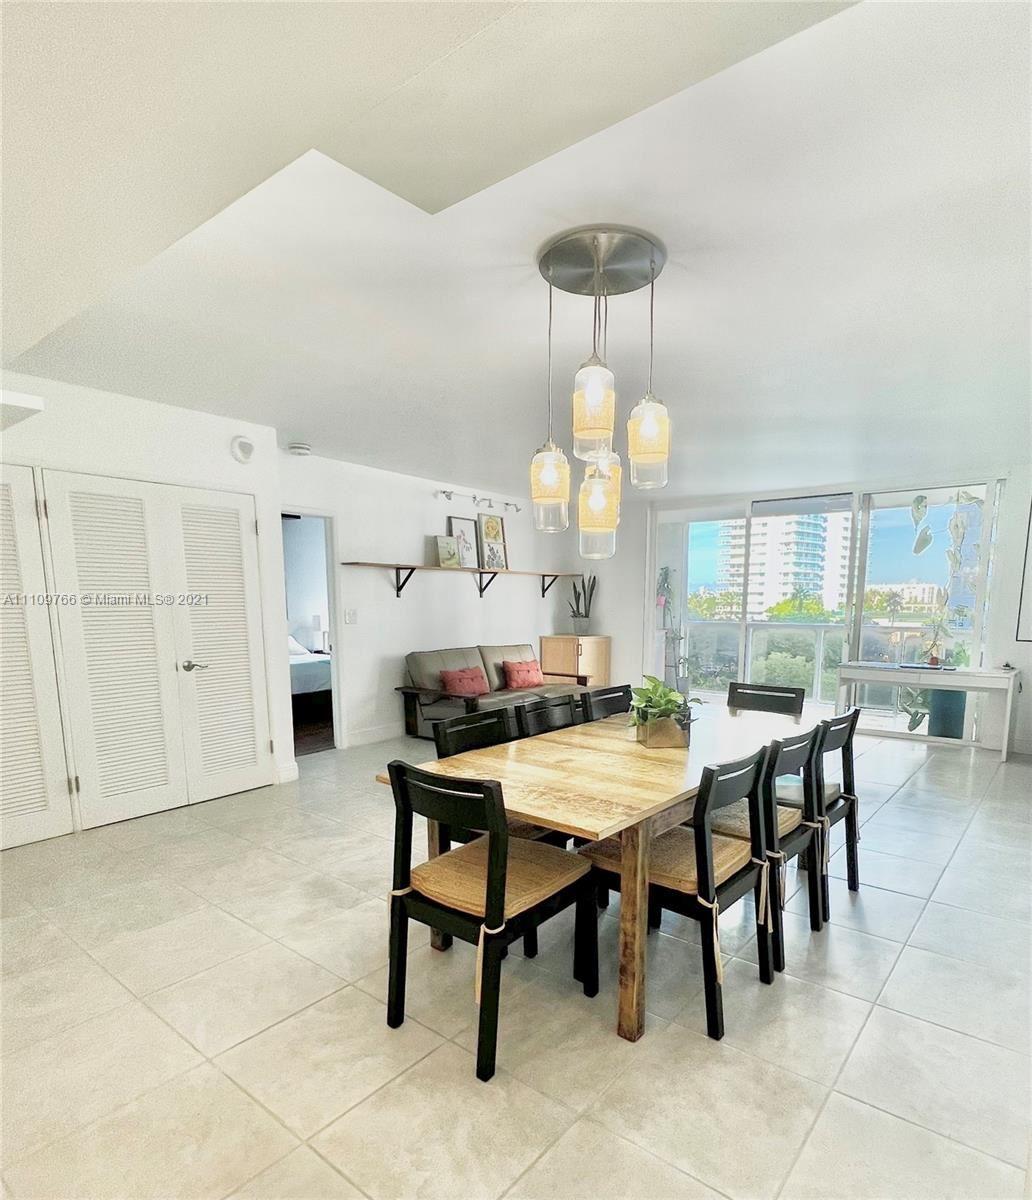 9 Island Ave #510, Miami Beach, FL 33139 - #: A11109766